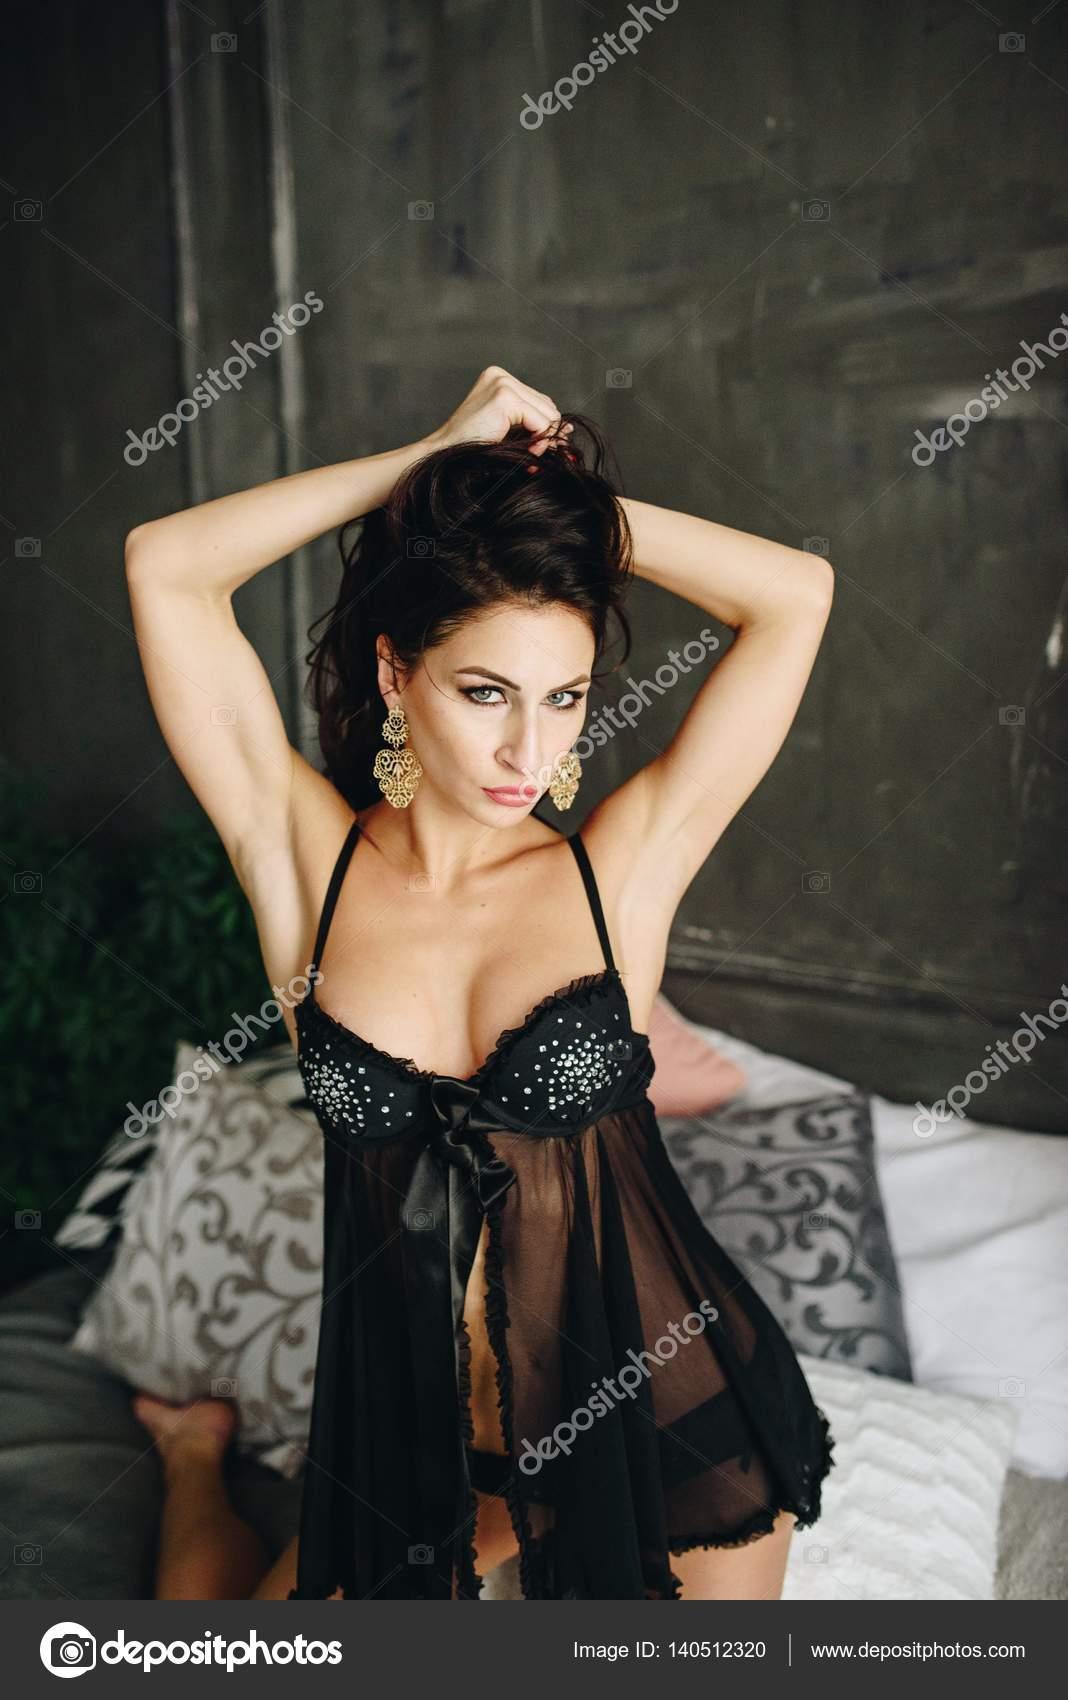 Позы молодых девочек сексуальных красивых эротика